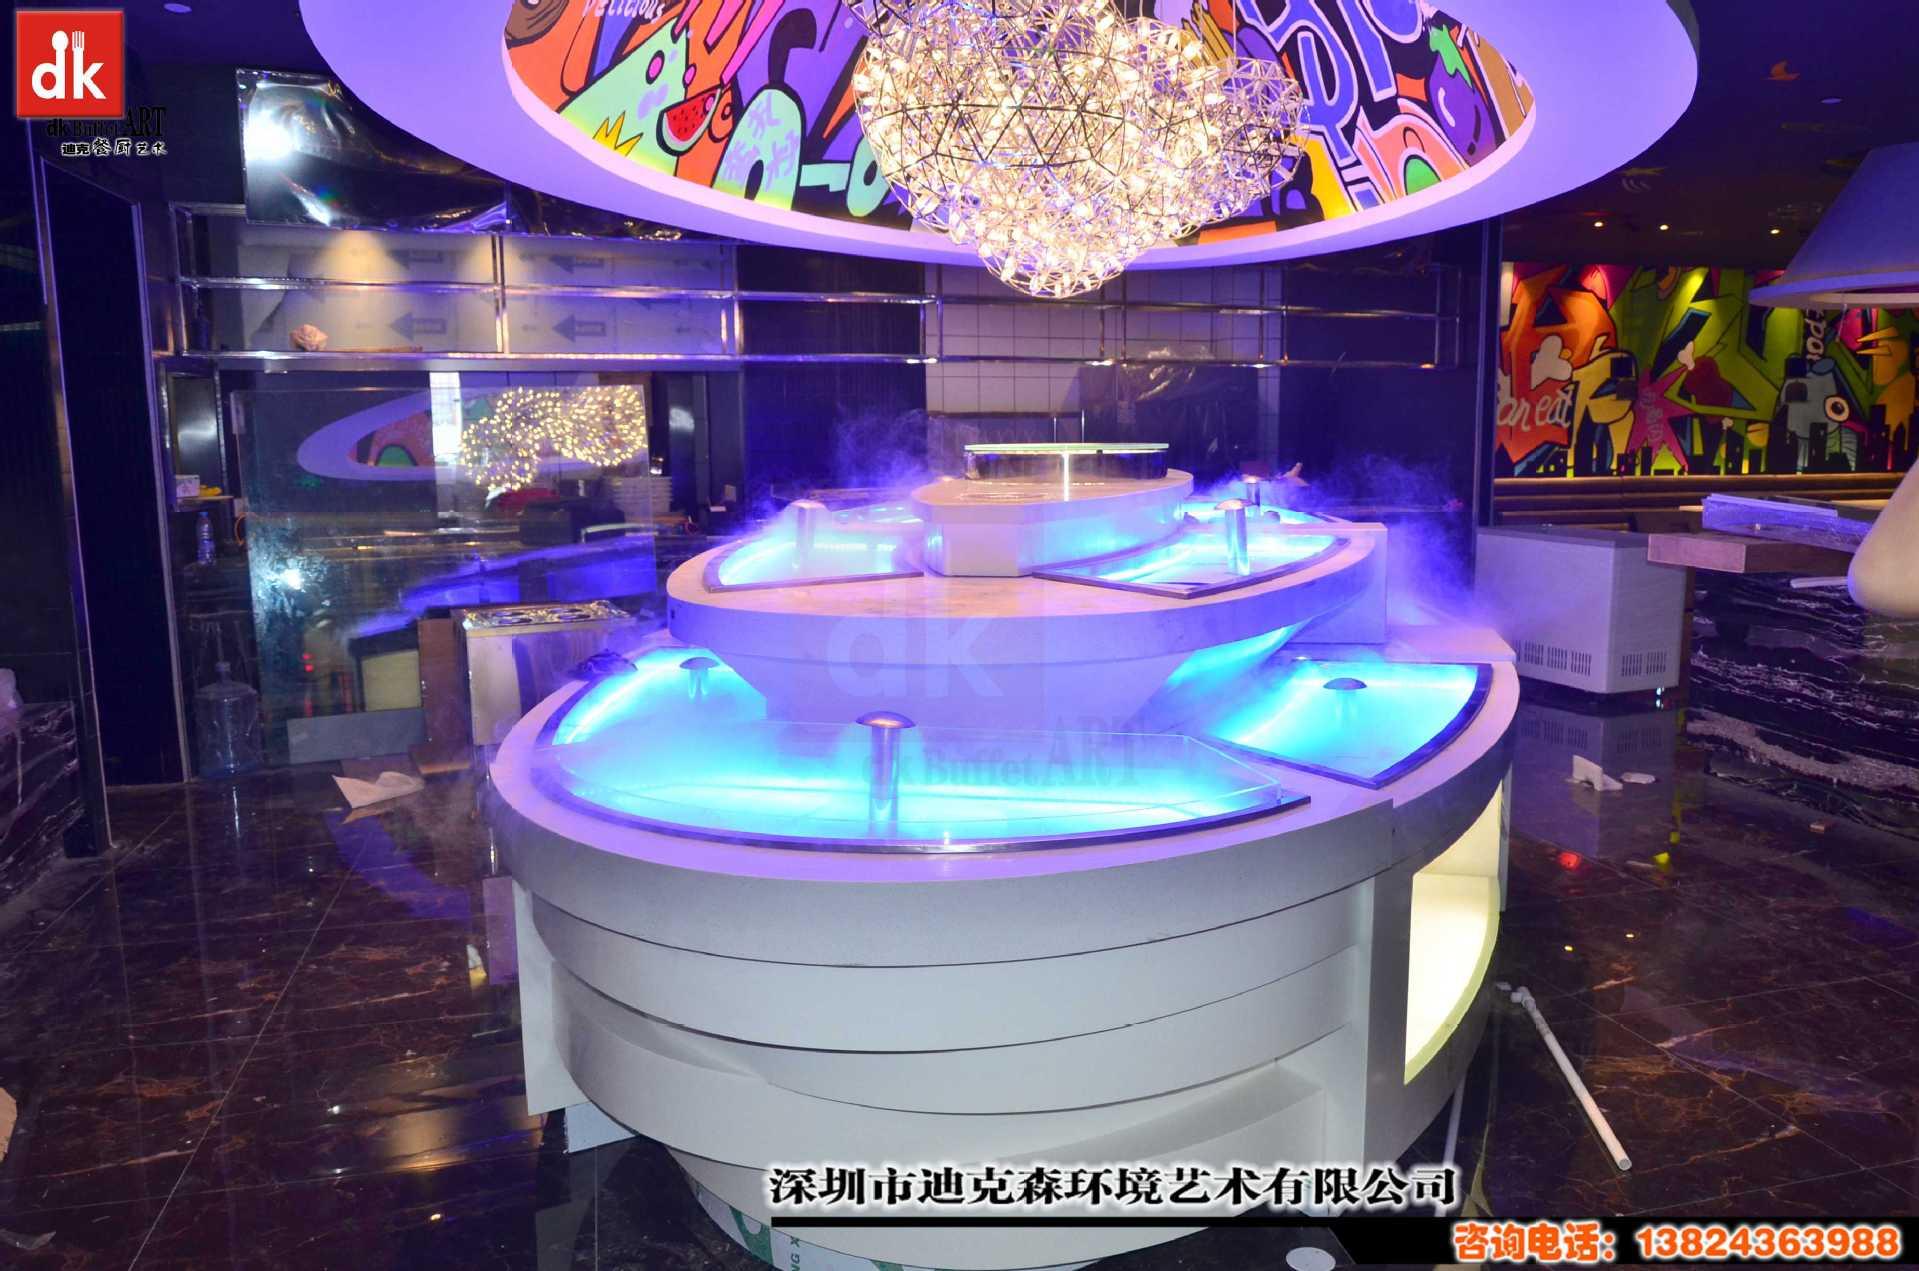 餐厅装修设计供应自助餐台海鲜冰槽迪克森供